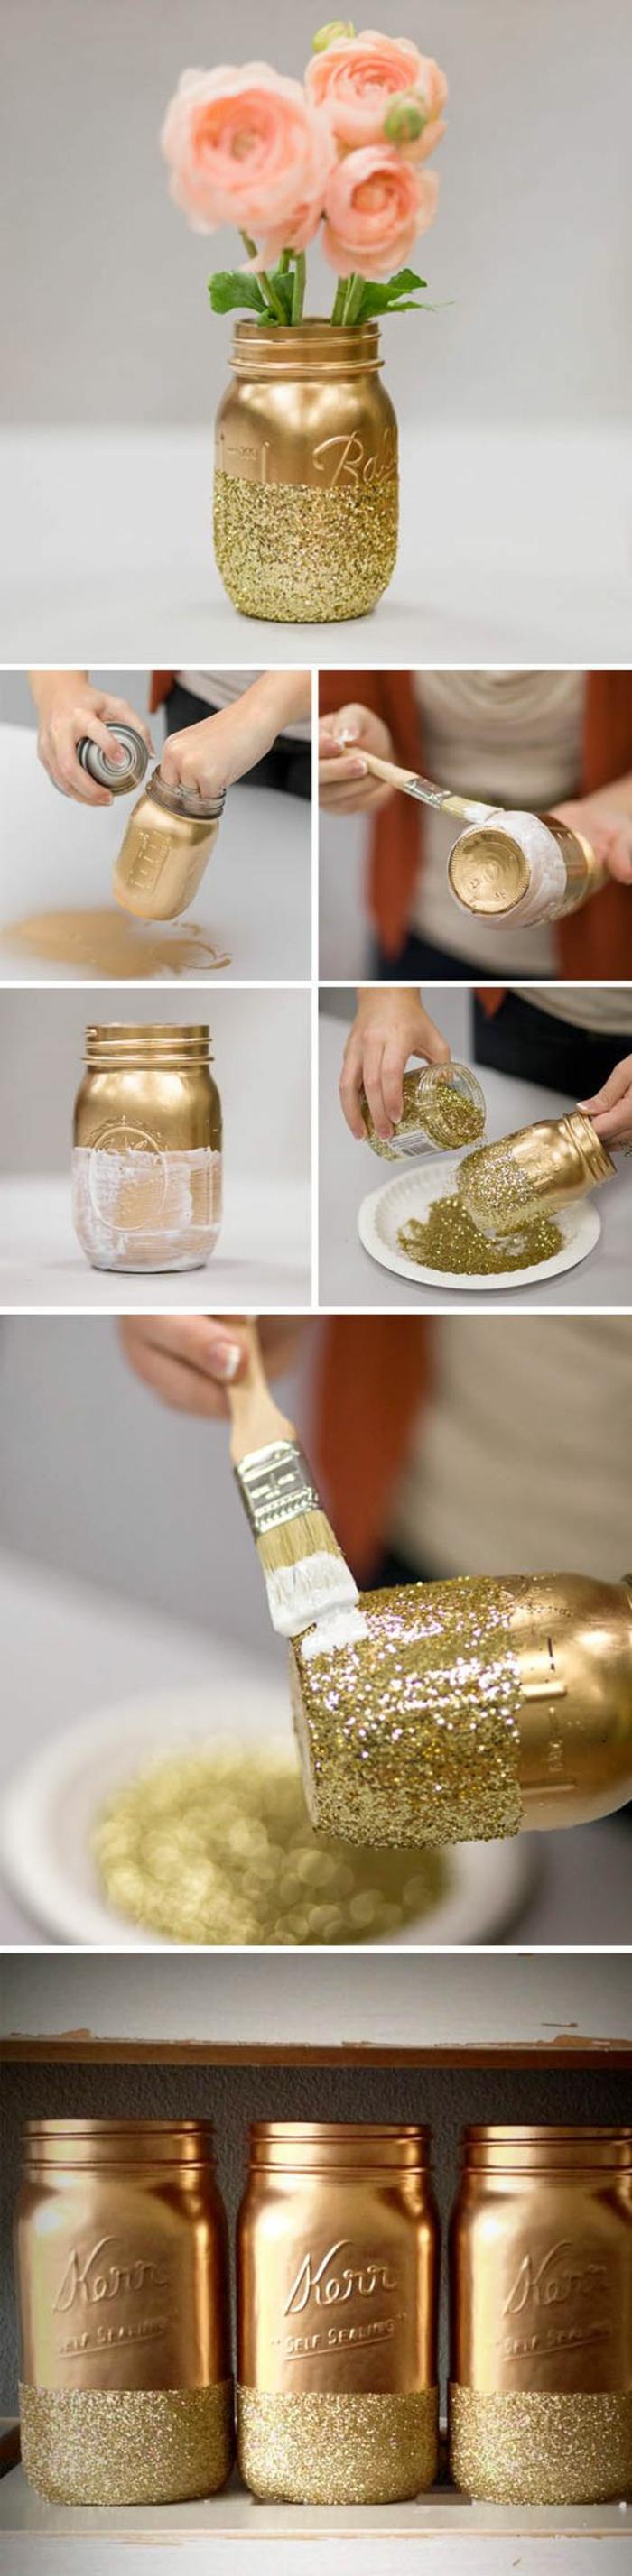 tischdeko selber machen, vase aus einmachglas dekoriert mit goldener sprayfarbe und glitzer